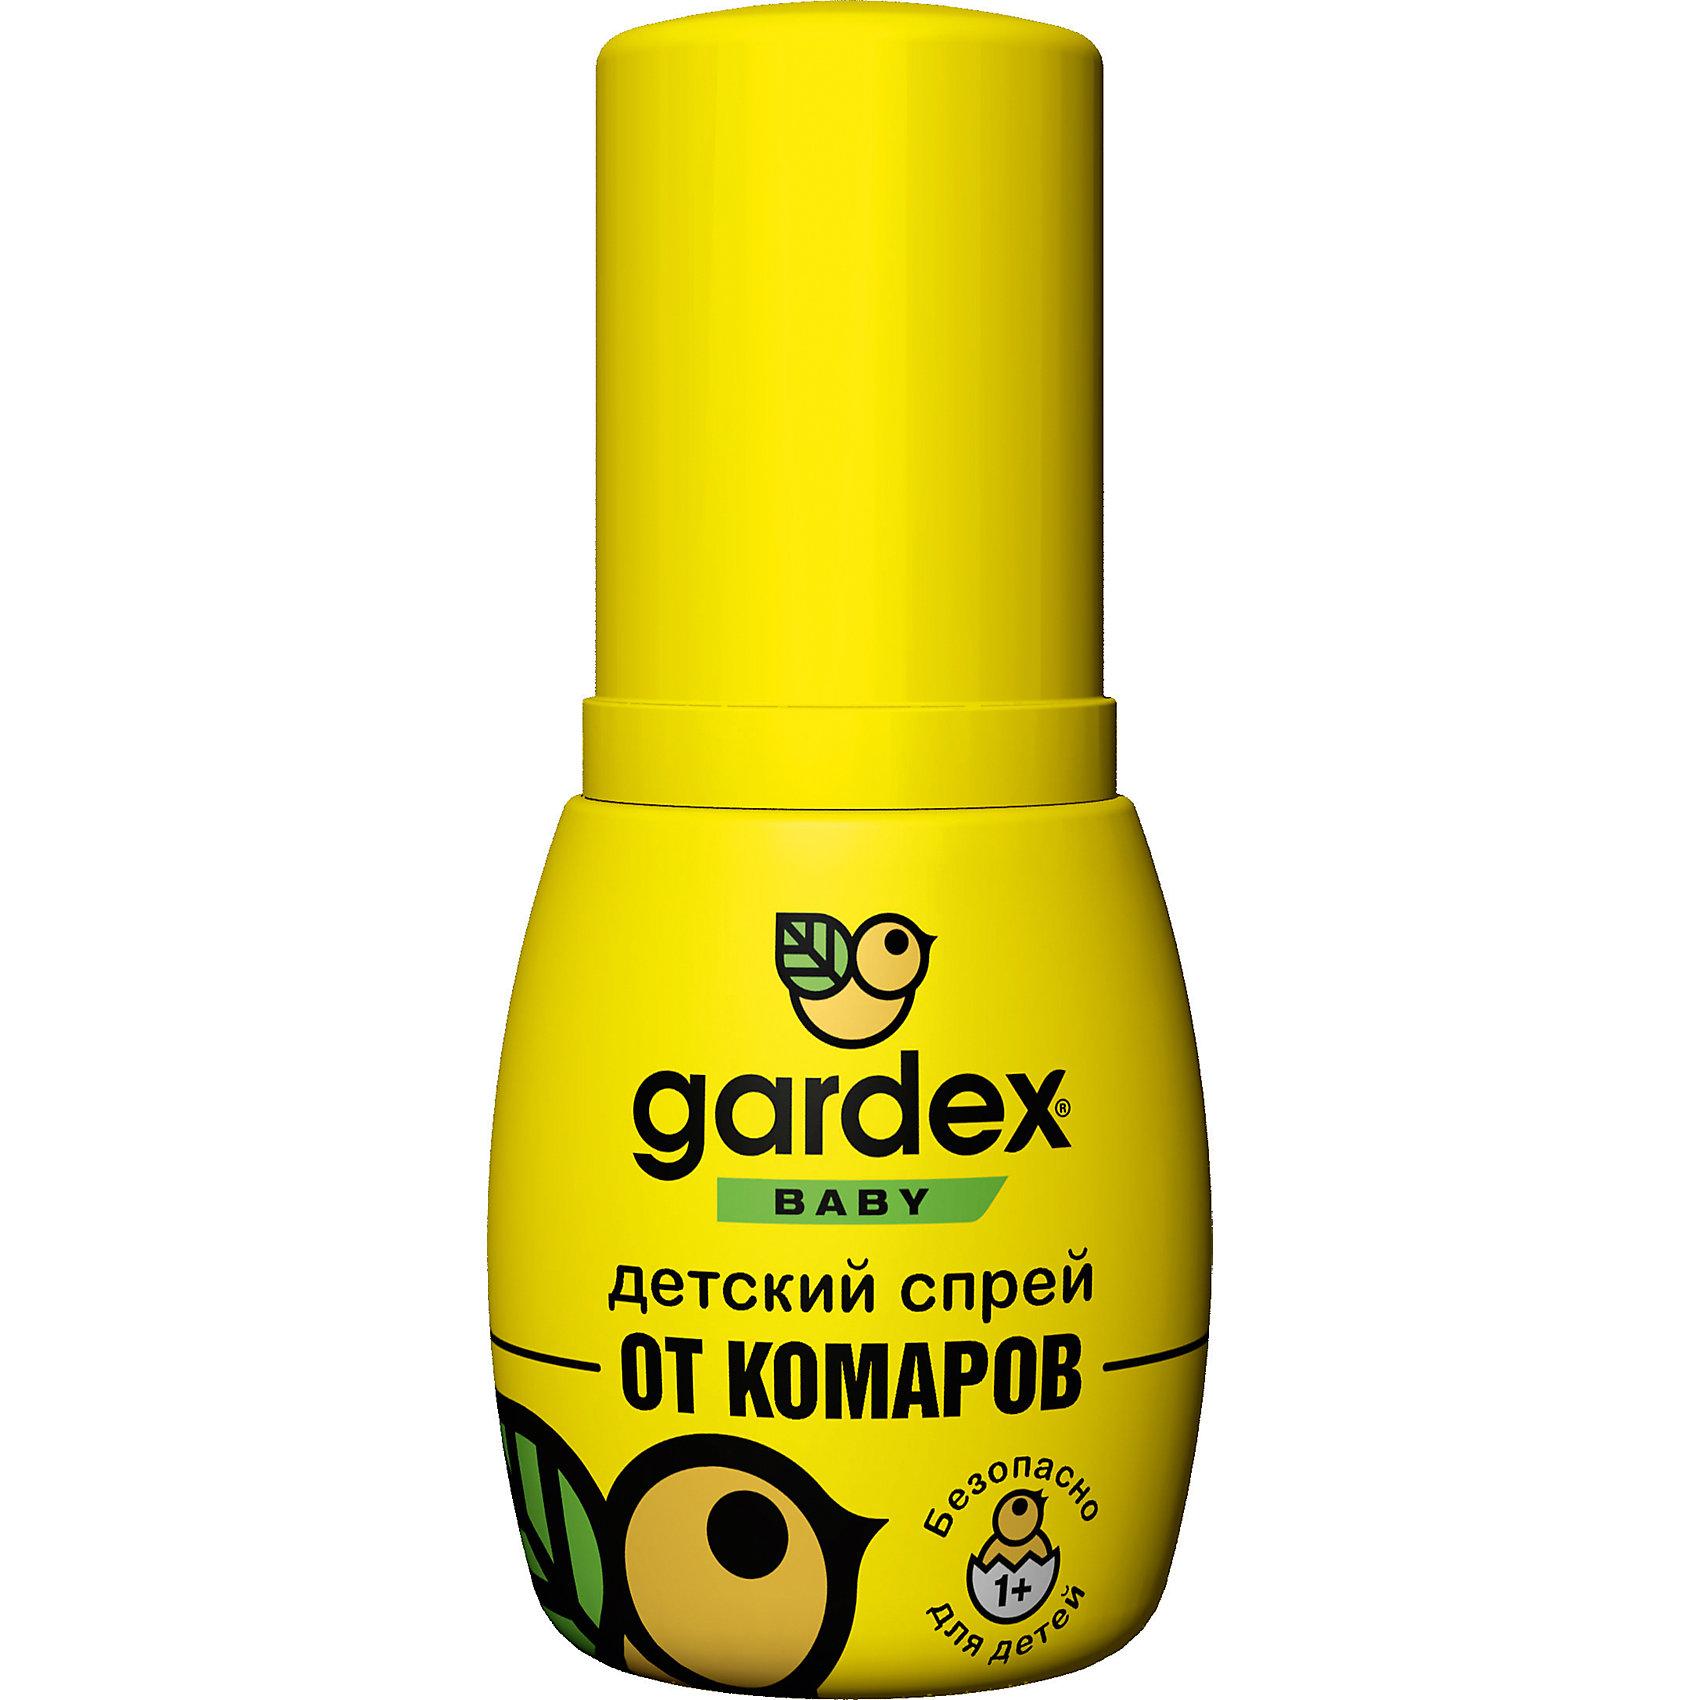 Спрей от комаров, с 1 года, 50 мл, Gardex BabyСредства защиты от солнца и насекомых<br>Характеристики:<br><br>• Состав: IR3535, вода, пропиленгликоль, отдушки <br>• Форма средства: спрей<br>• Продолжительность действия: до 2-х часов<br>• Упаковка: флакон<br>• Объем: 50 мл<br>• Оснащен пульверизатором<br>• Не оставляет пятен на одежде<br>• Вес: 75 г<br>• Размеры (Д*Ш*В): 4,5*3,5*10,5 см<br>• Срок годности: 3 года <br><br>Спрей от комаров, с 1 года, 50 мл, Gardex Baby предназначен для защиты от укусов насемомых для детей от 1-го года. В состав репеллента входит инновационное действующее средство IR3535, которое безопасно для детей. <br><br>Спрей предназначен для нанесения на открытые участки кожи, при попадании на одежду не оставляет следов. Имеет увеличенную длительность защитного воздействия – до 2-х часов. <br><br>Средство выполнено в удобном пластиковом флаконе с пульверизатором, за счет чего оно экономно расходуется. Имеет компактный размер и не занимает много места в сумке или детском рюкзаке.<br><br>Спрей от комаров, с 1 года, 50 мл, Gardex Baby можно купить в нашем интернет-магазине.<br><br>Ширина мм: 45<br>Глубина мм: 35<br>Высота мм: 105<br>Вес г: 75<br>Возраст от месяцев: 12<br>Возраст до месяцев: 2147483647<br>Пол: Унисекс<br>Возраст: Детский<br>SKU: 5575714